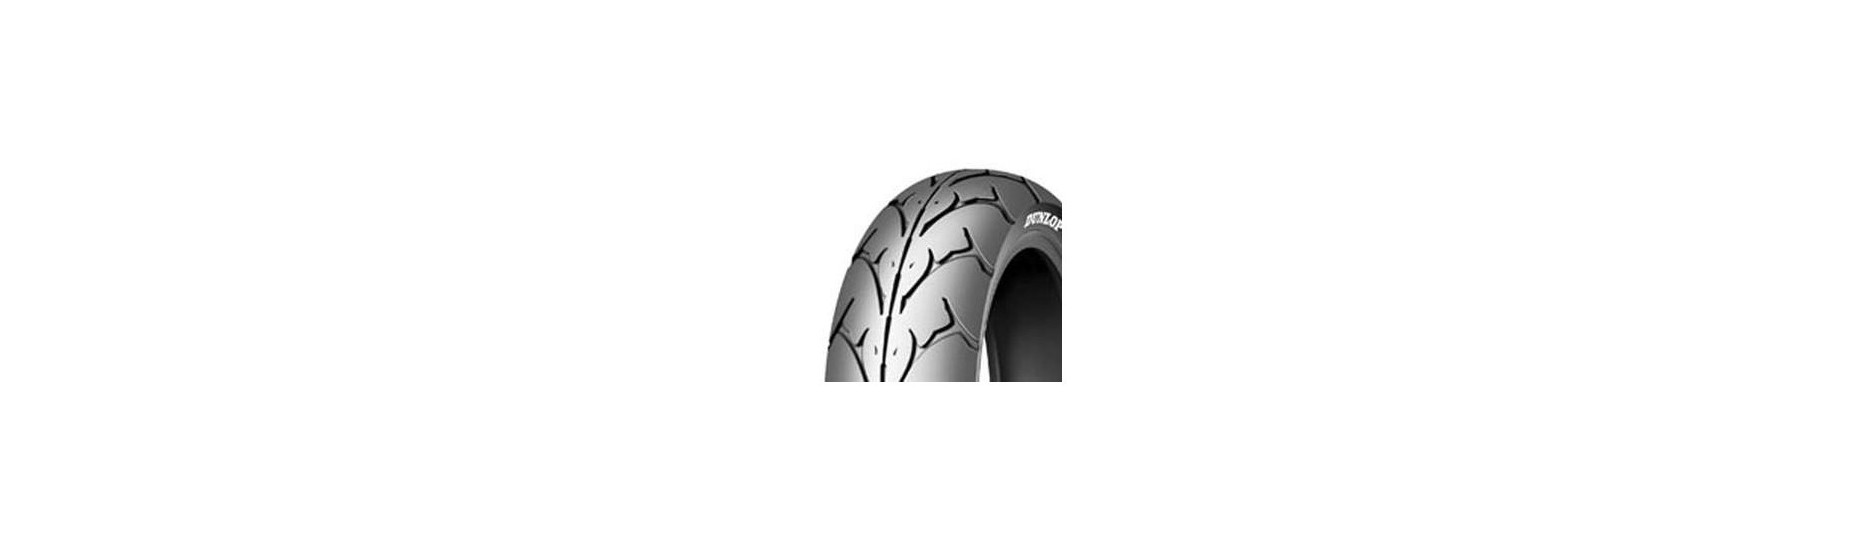 pneumatiky skútry elektromobily elektrické skútry